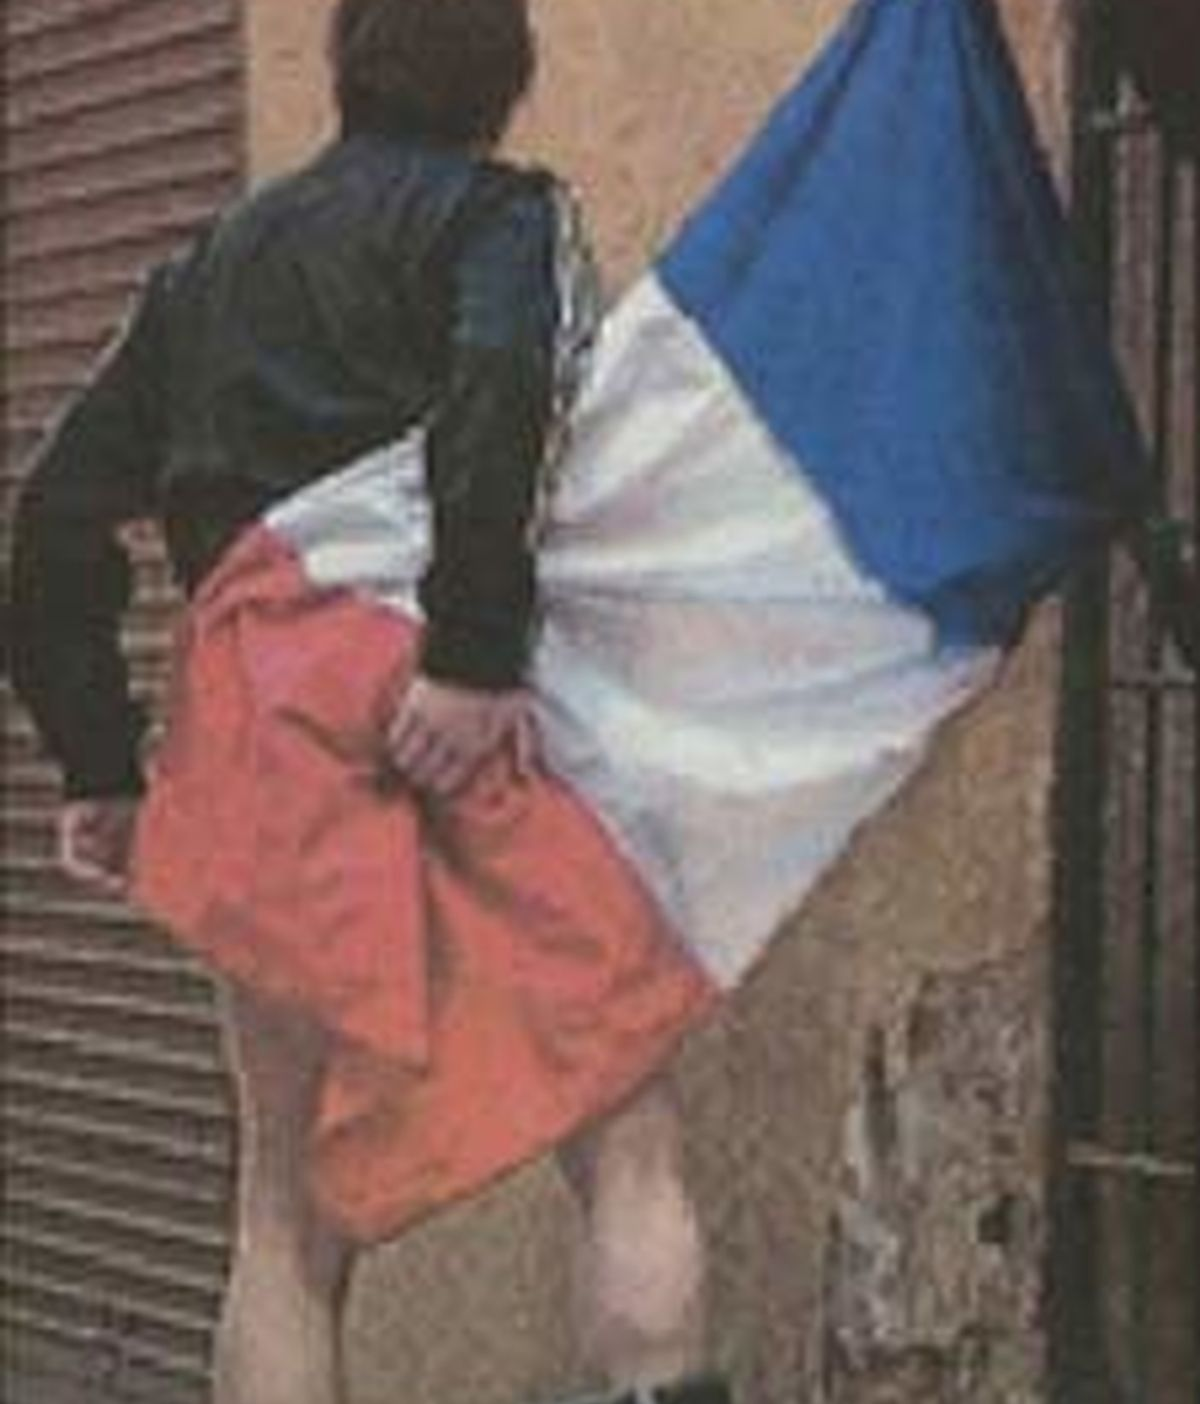 La imagen ganó un concurso como la fotografía más 'políticamente incorrecta'. Foto: Rmc.fr